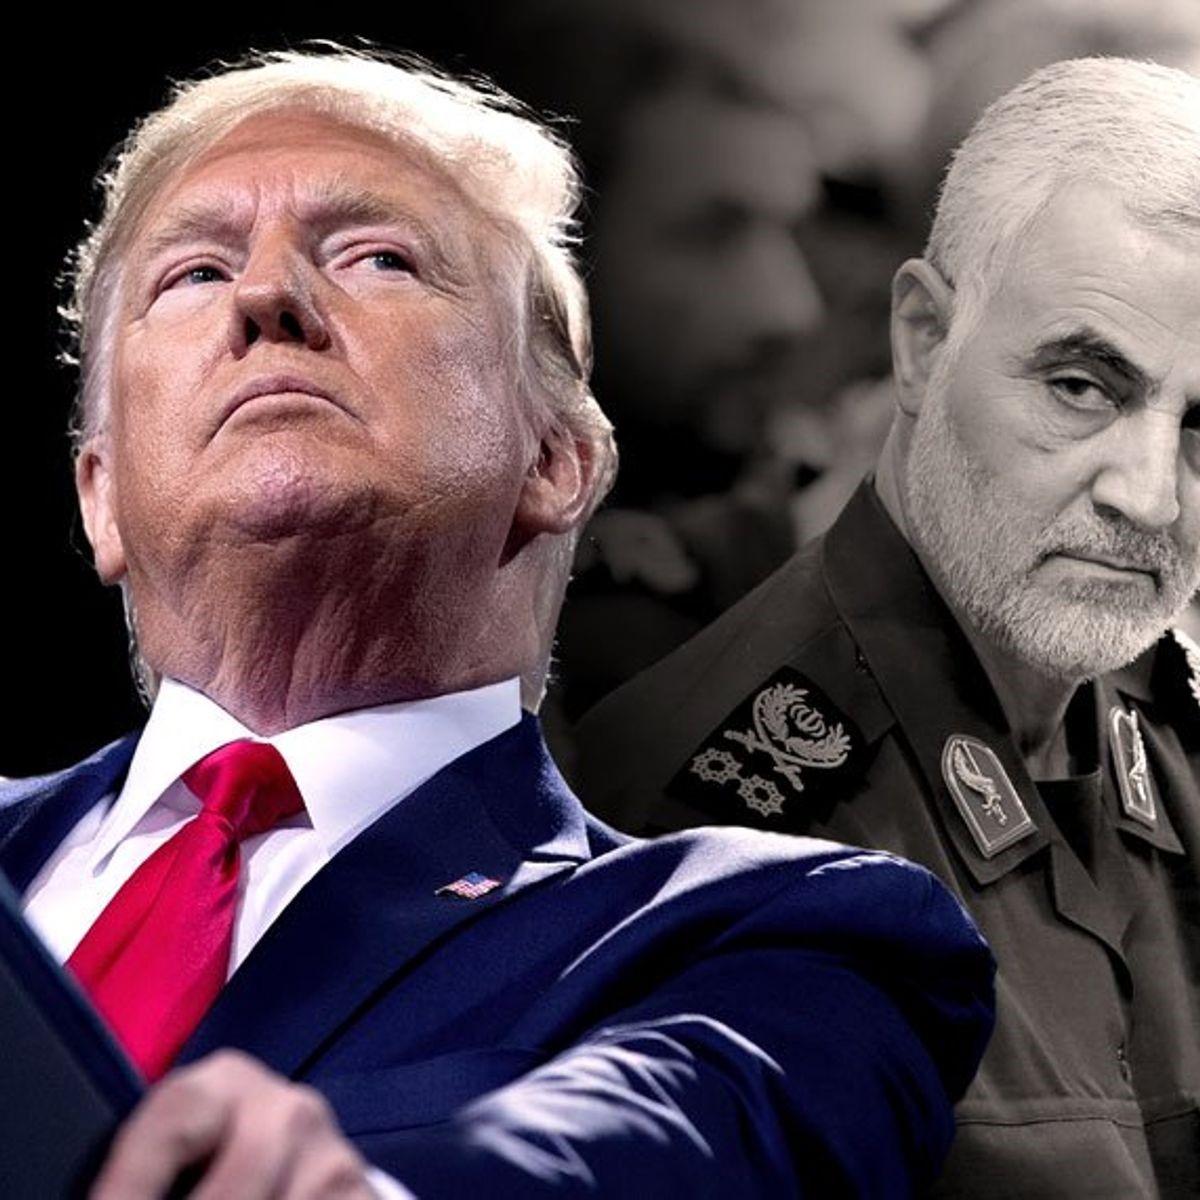 di Luca Marfé L'Iran da un lato, l'impeachment dall'altro, le elezioni sullo sfondo. È un anno di fuoco quello che si staglia all'orizzonte degli Stati Uniti. Nel cuore del caos, neanche a dirlo, Donald Trump. Caos di cui, se per assurdo esistesse una scuola, Trump sarebbe maestro, preside, direttore, tutto.  L'IRAN «Il mondo è un posto più sicuro adesso». Così il presidente americano sull'uccisione del generale iraniano Suleimani. Fatto sta che lo stesso mondo di cui parla Trump sembra essere sul ciglio dell'abisso di una terza guerra mondiale.